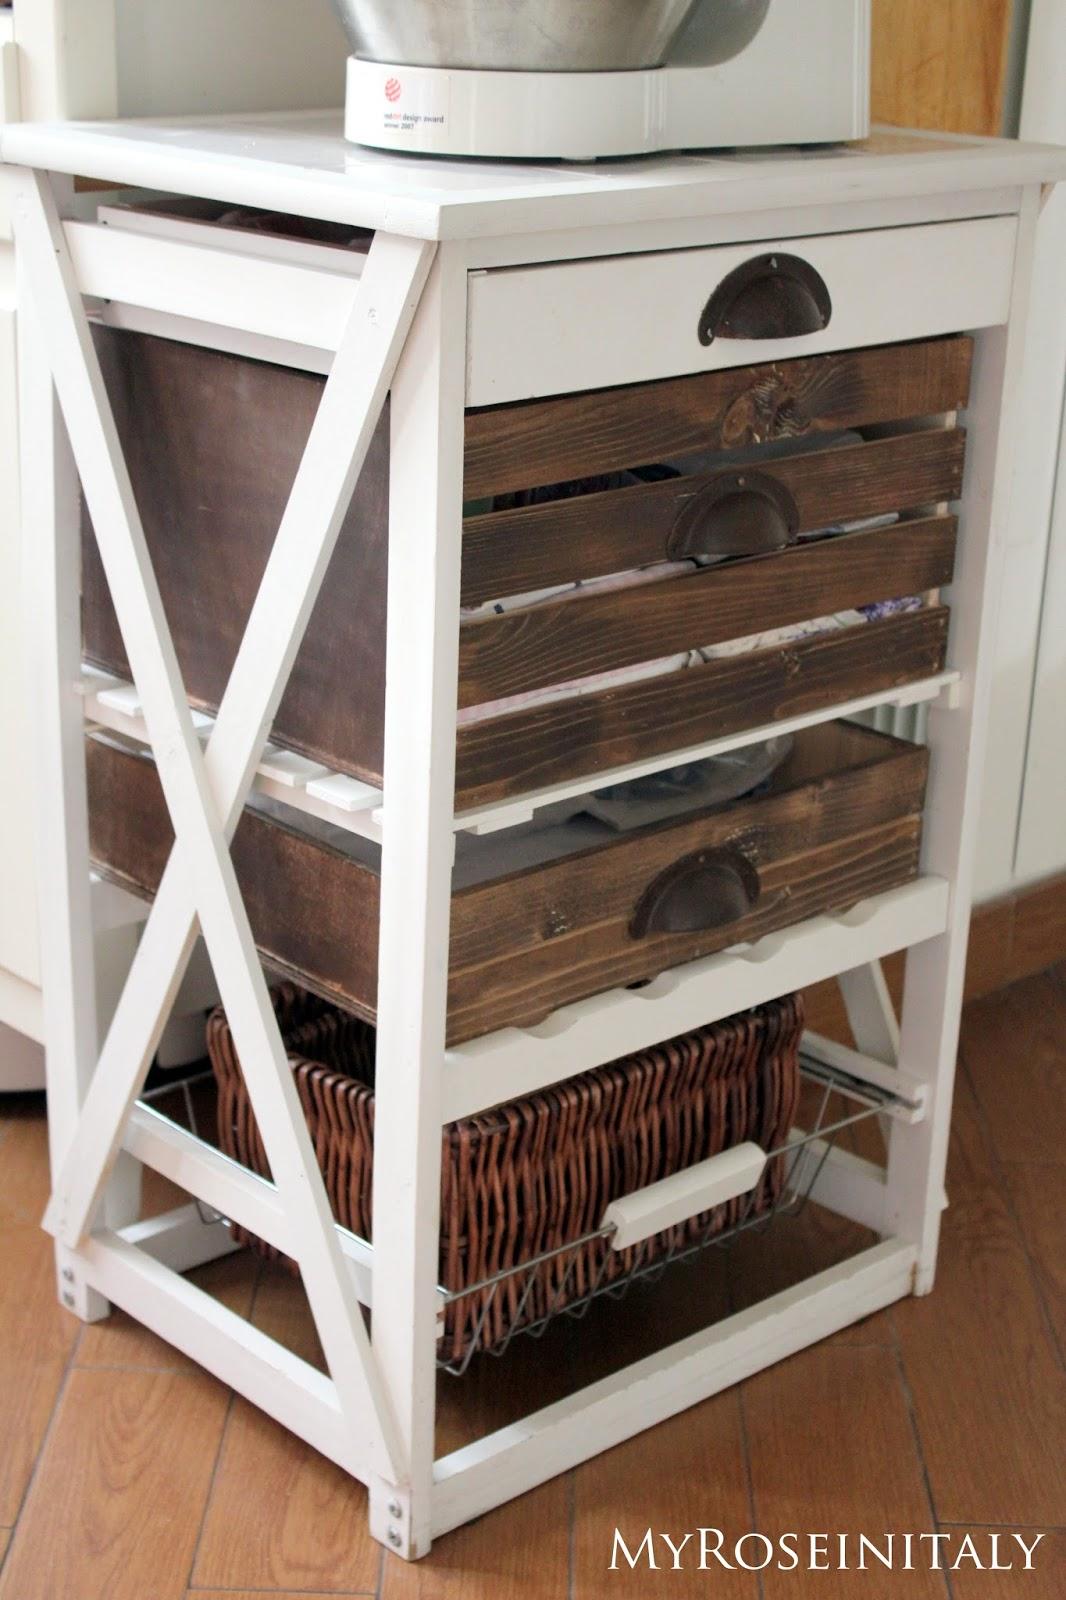 My roseinitaly carrello da cucina rimodernato for Mobili da cucina